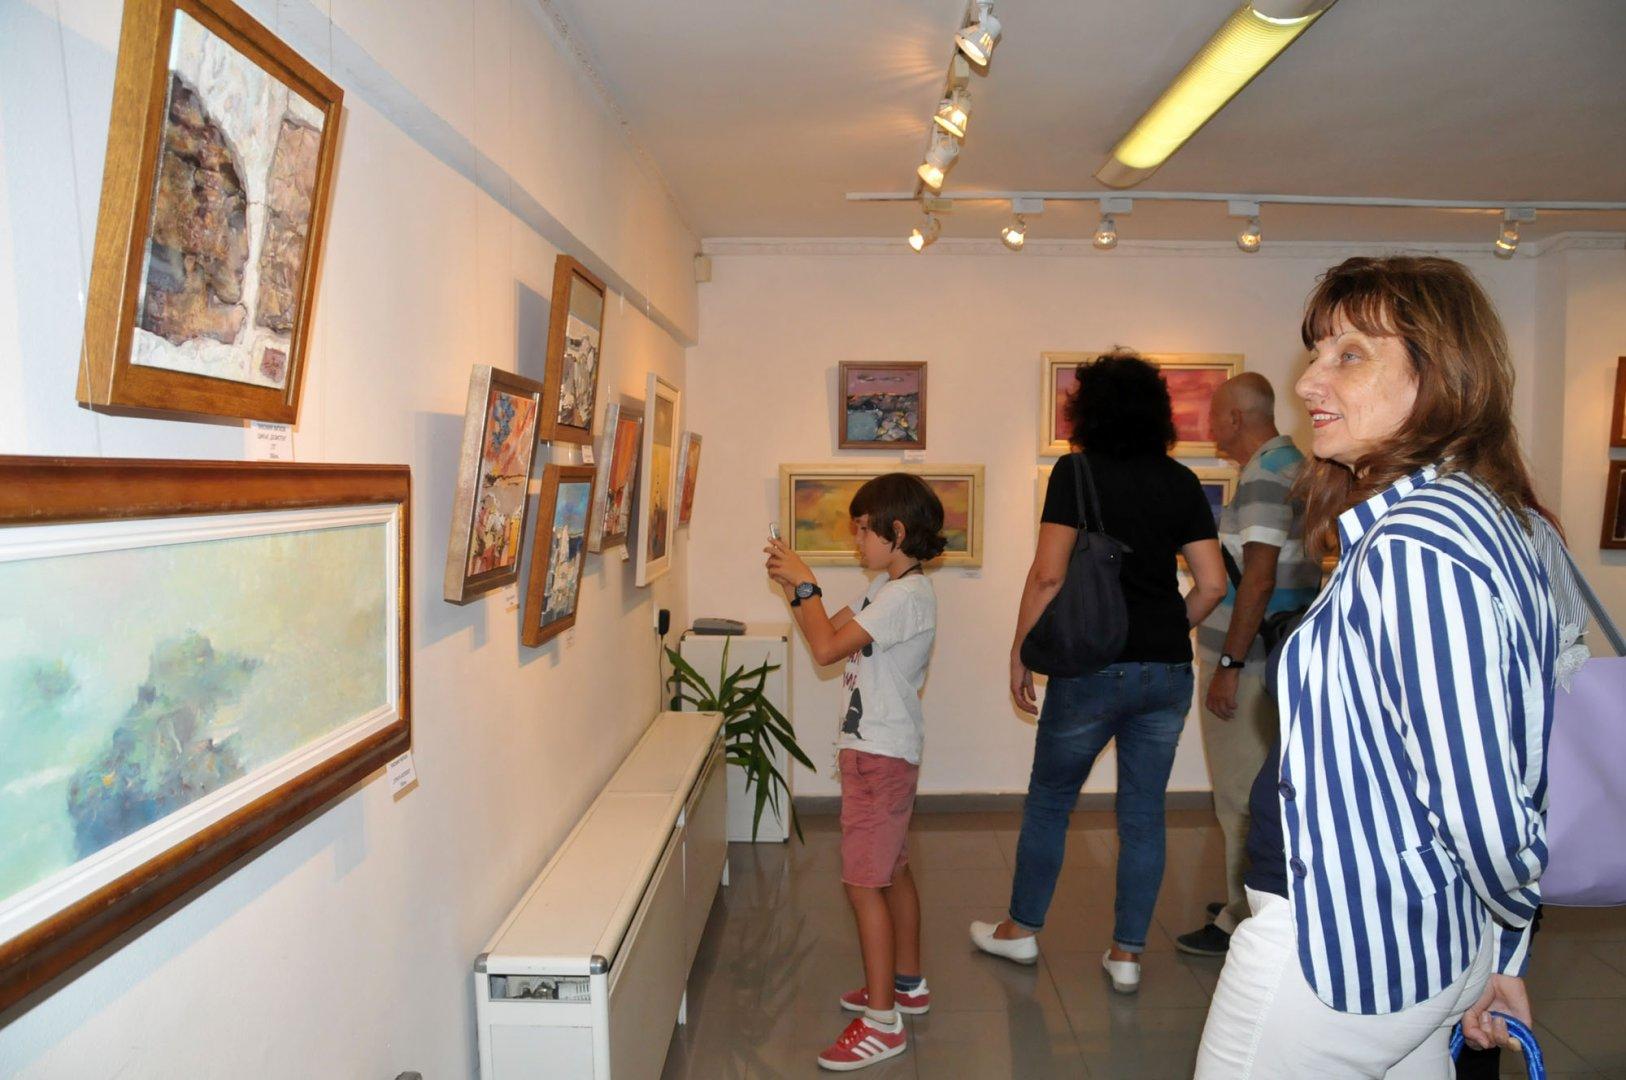 Арт изявите в галерия Бургас за 2019-та година стартират с експозиция на Дим арт. Снимка Архив Черноморие-бг